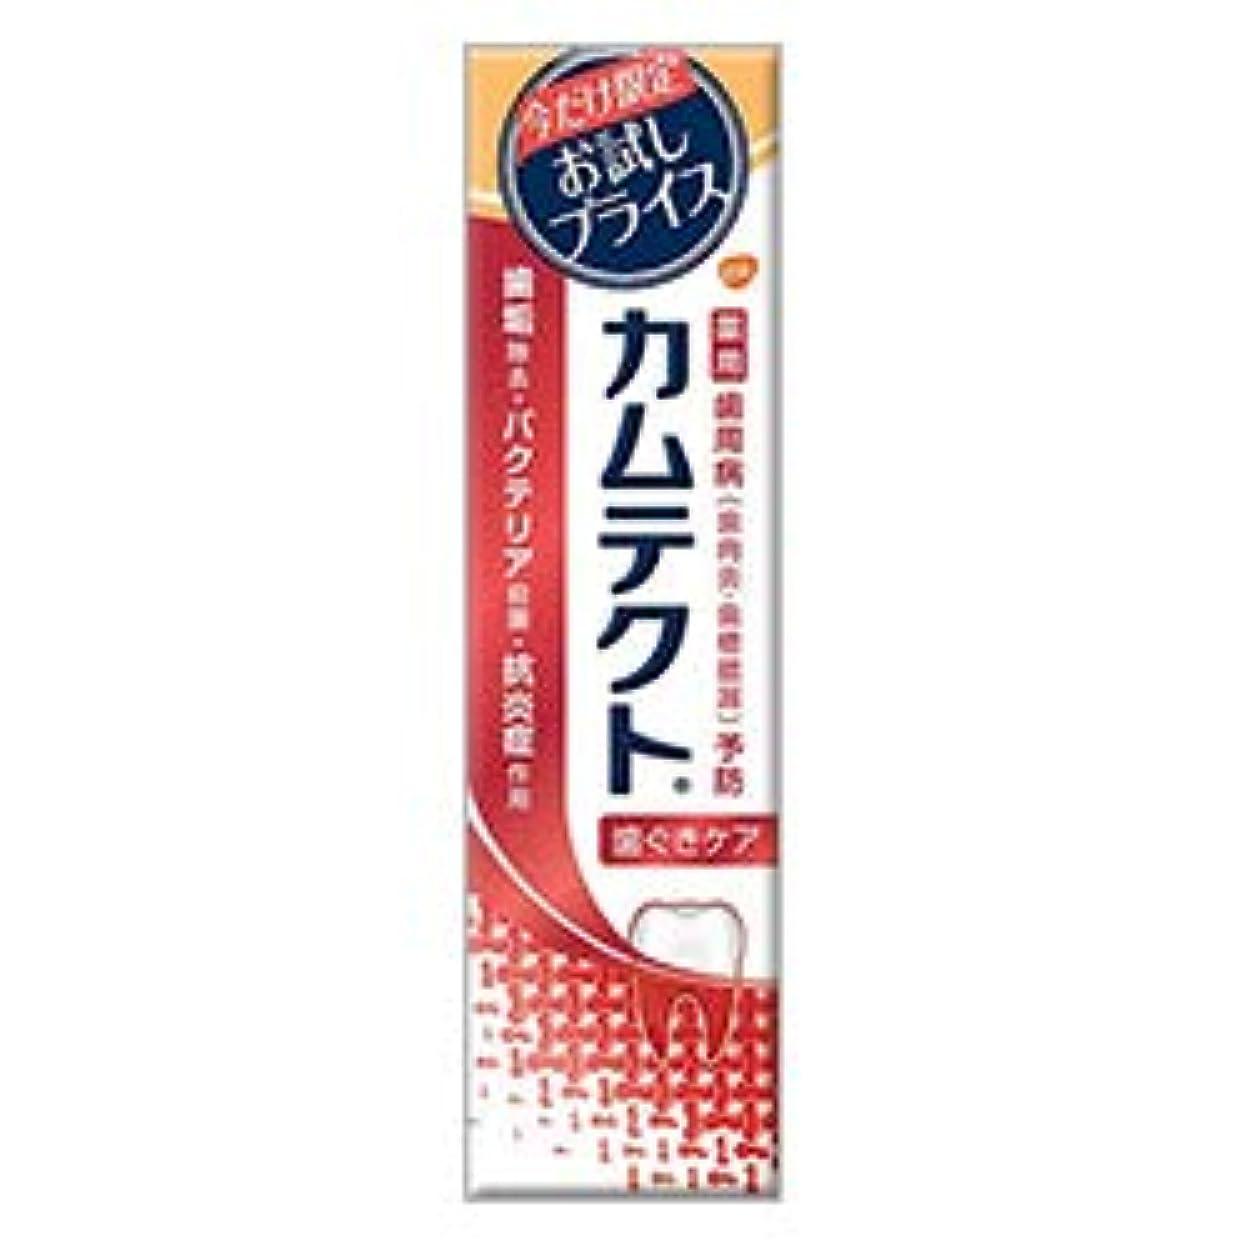 【アース製薬】カムテクト 歯ぐきケア 限定お試し版 105g [医薬部外品] ×4 個セット